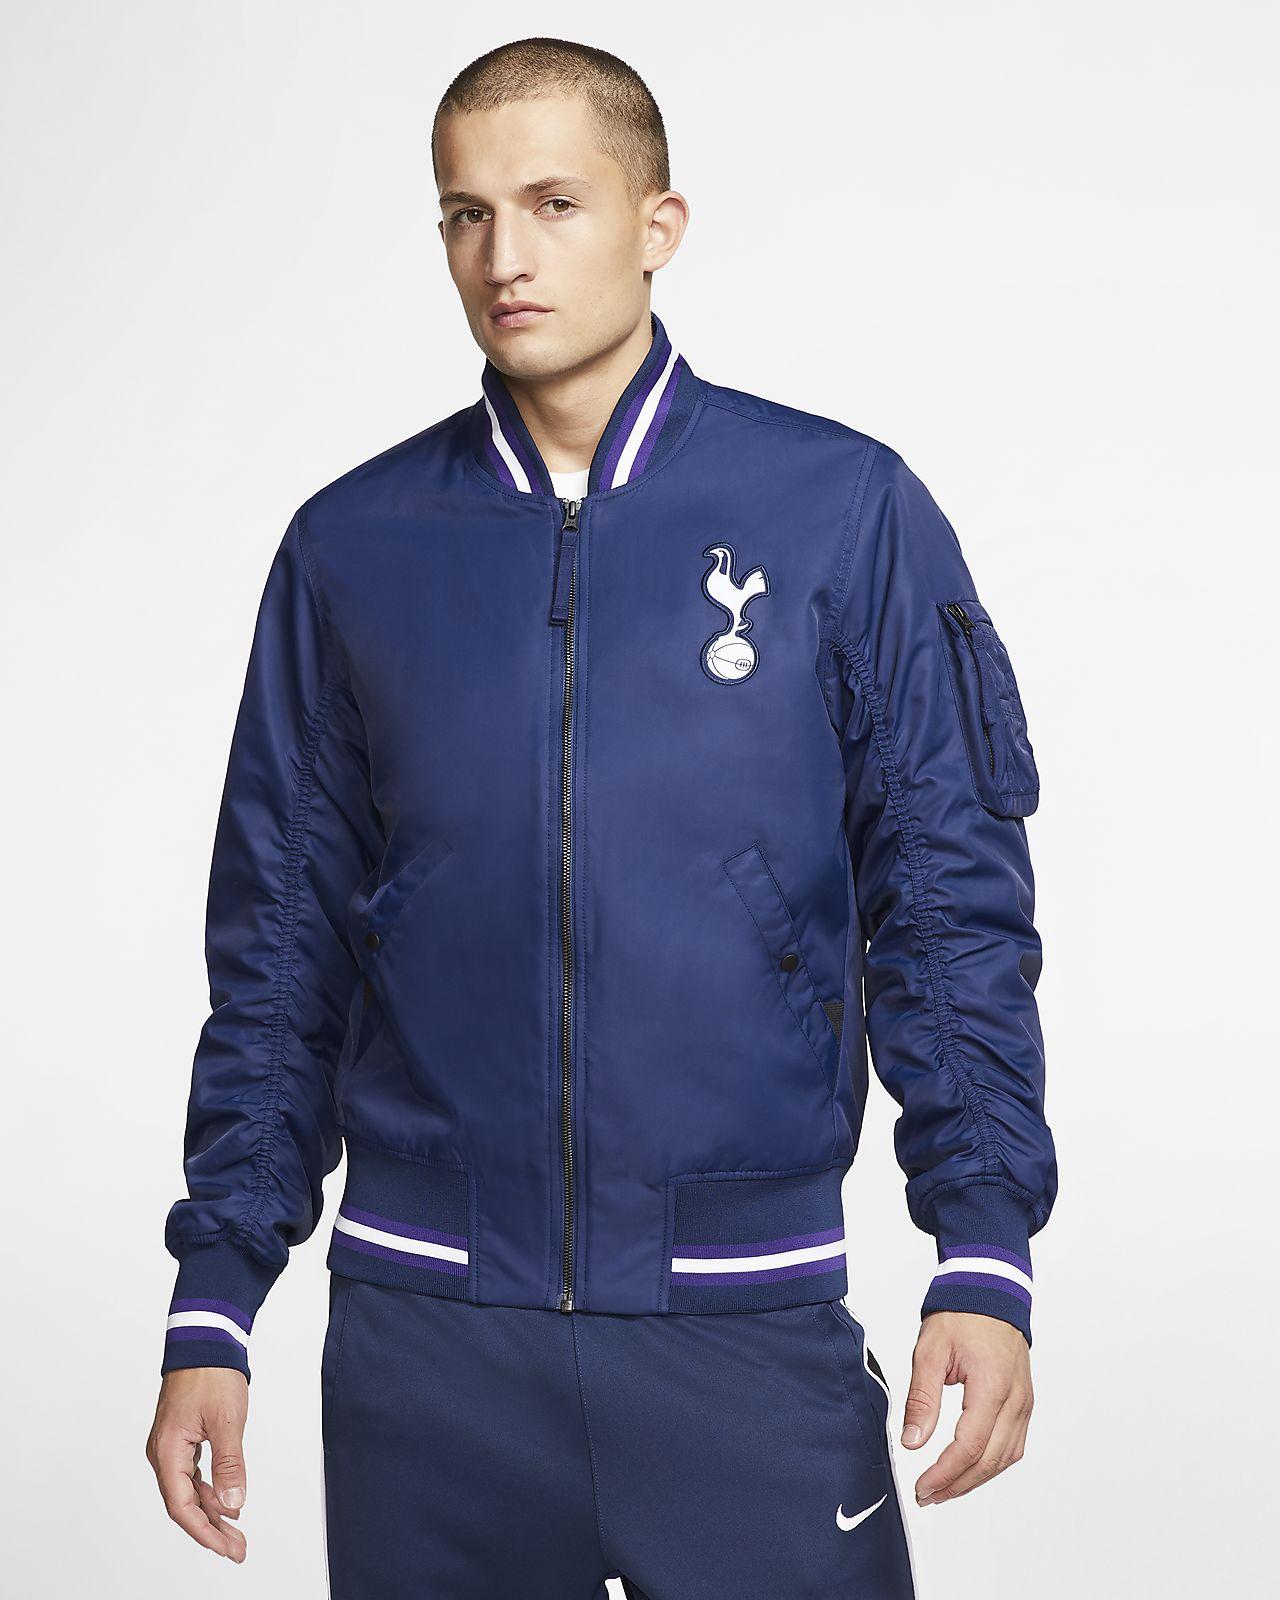 Veste tissée Tottenham Hotspur AF1 pour Homme